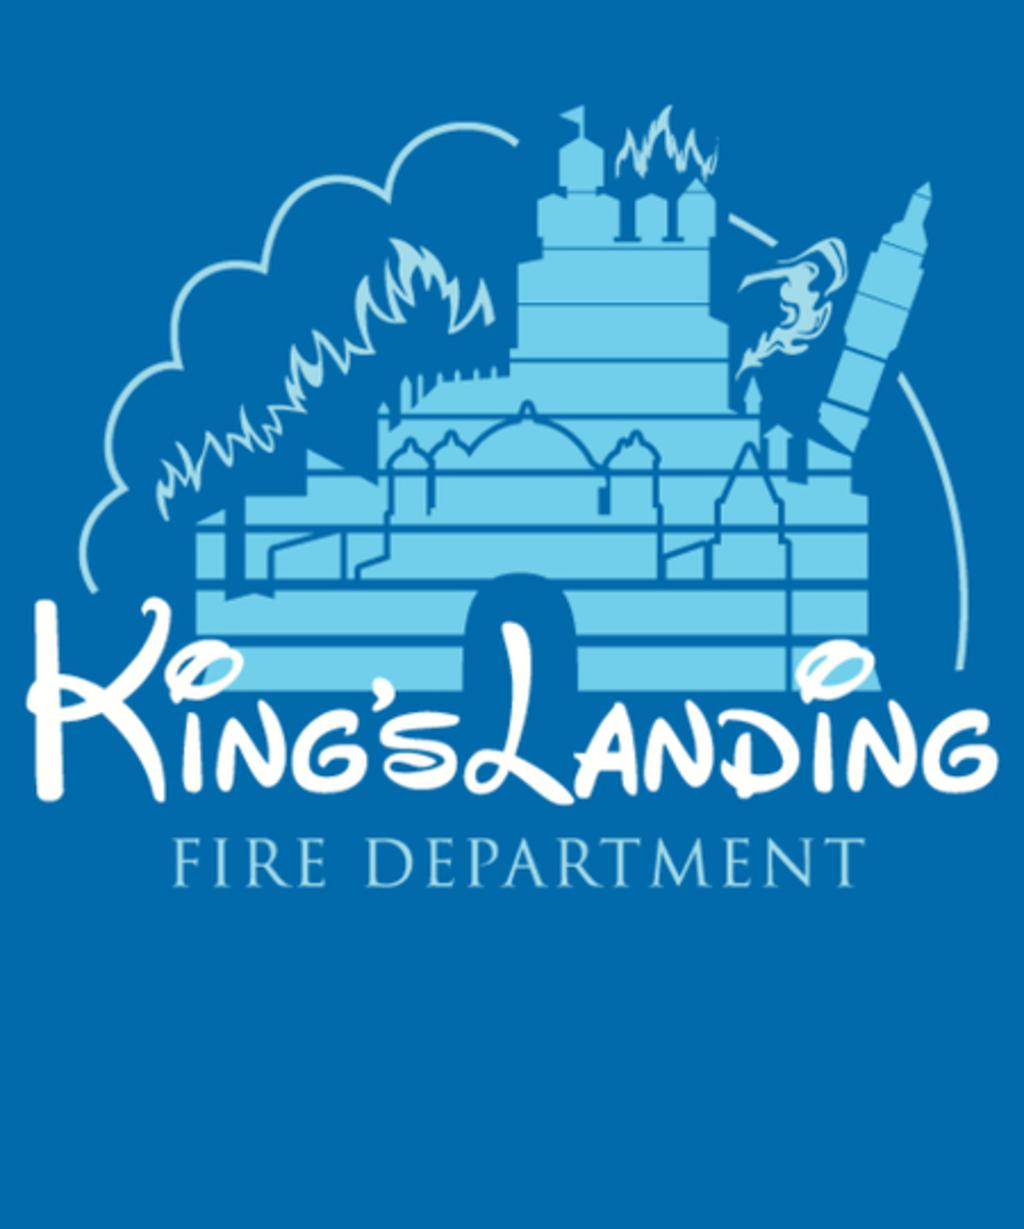 Qwertee: King's Landing Fire Department